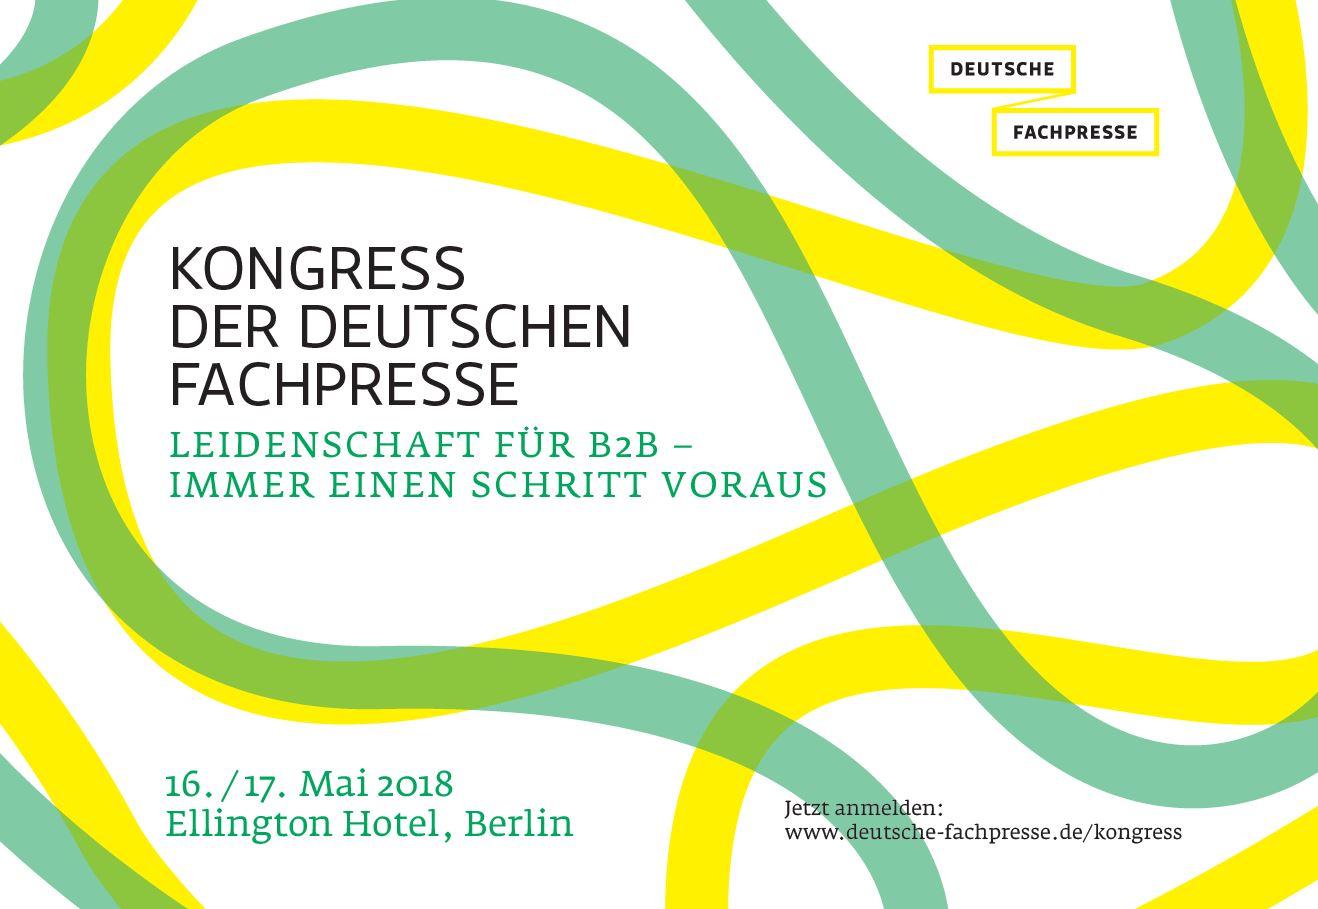 Kongress der Deutschen Fachpresse 2018